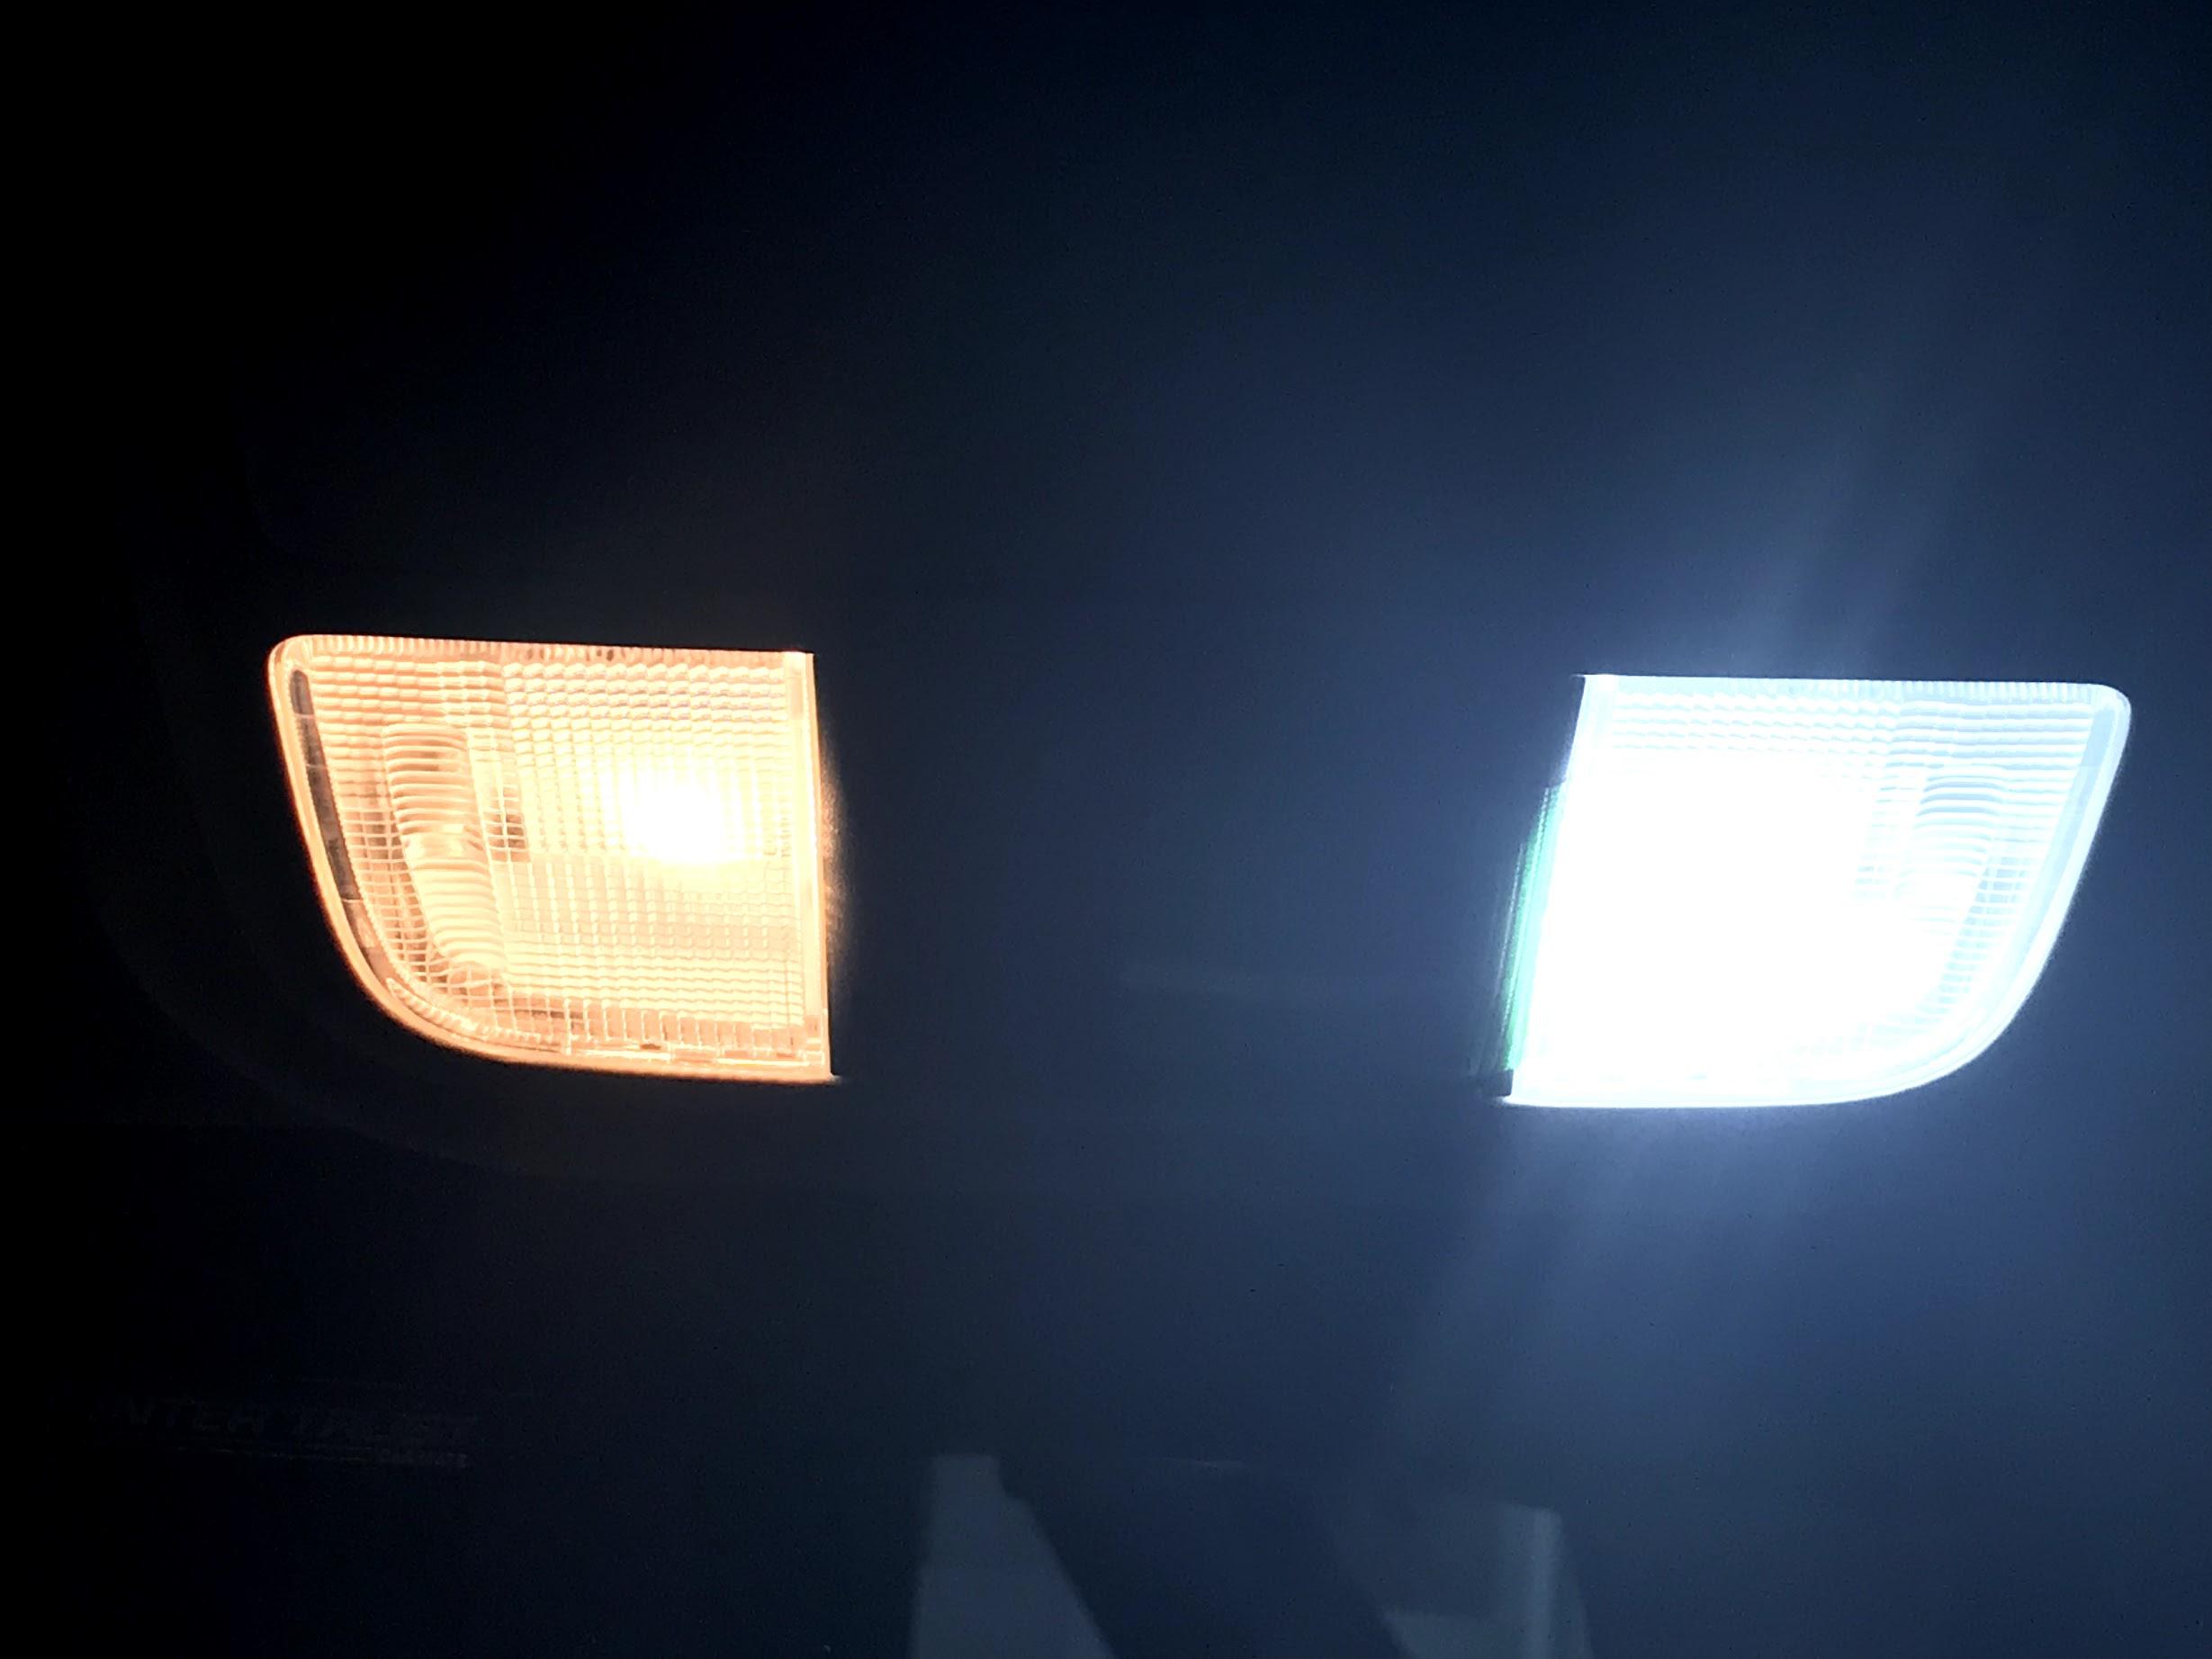 CORSA LEDルームランプ